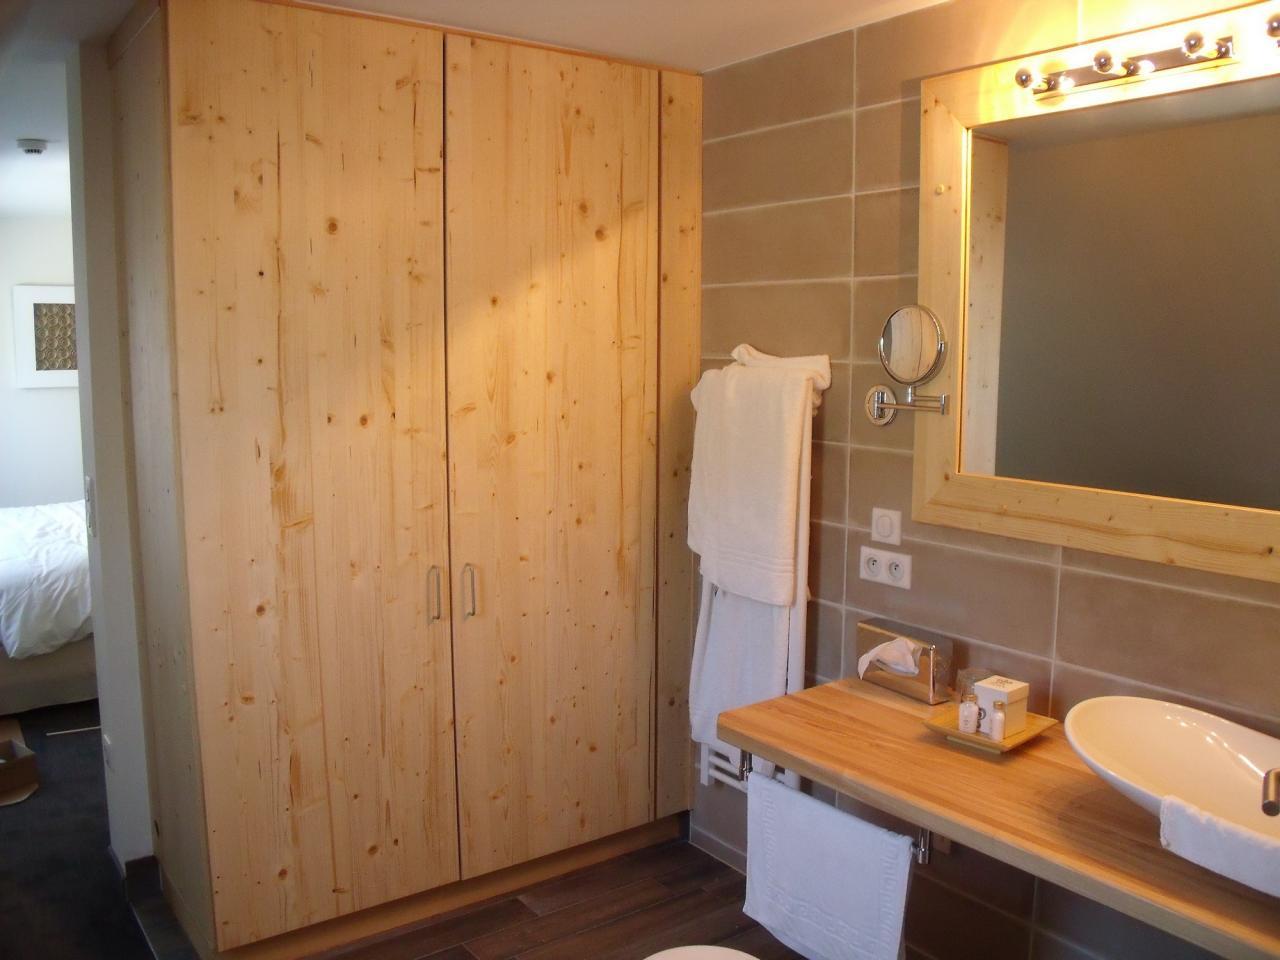 Salle de bain, miroir et placard